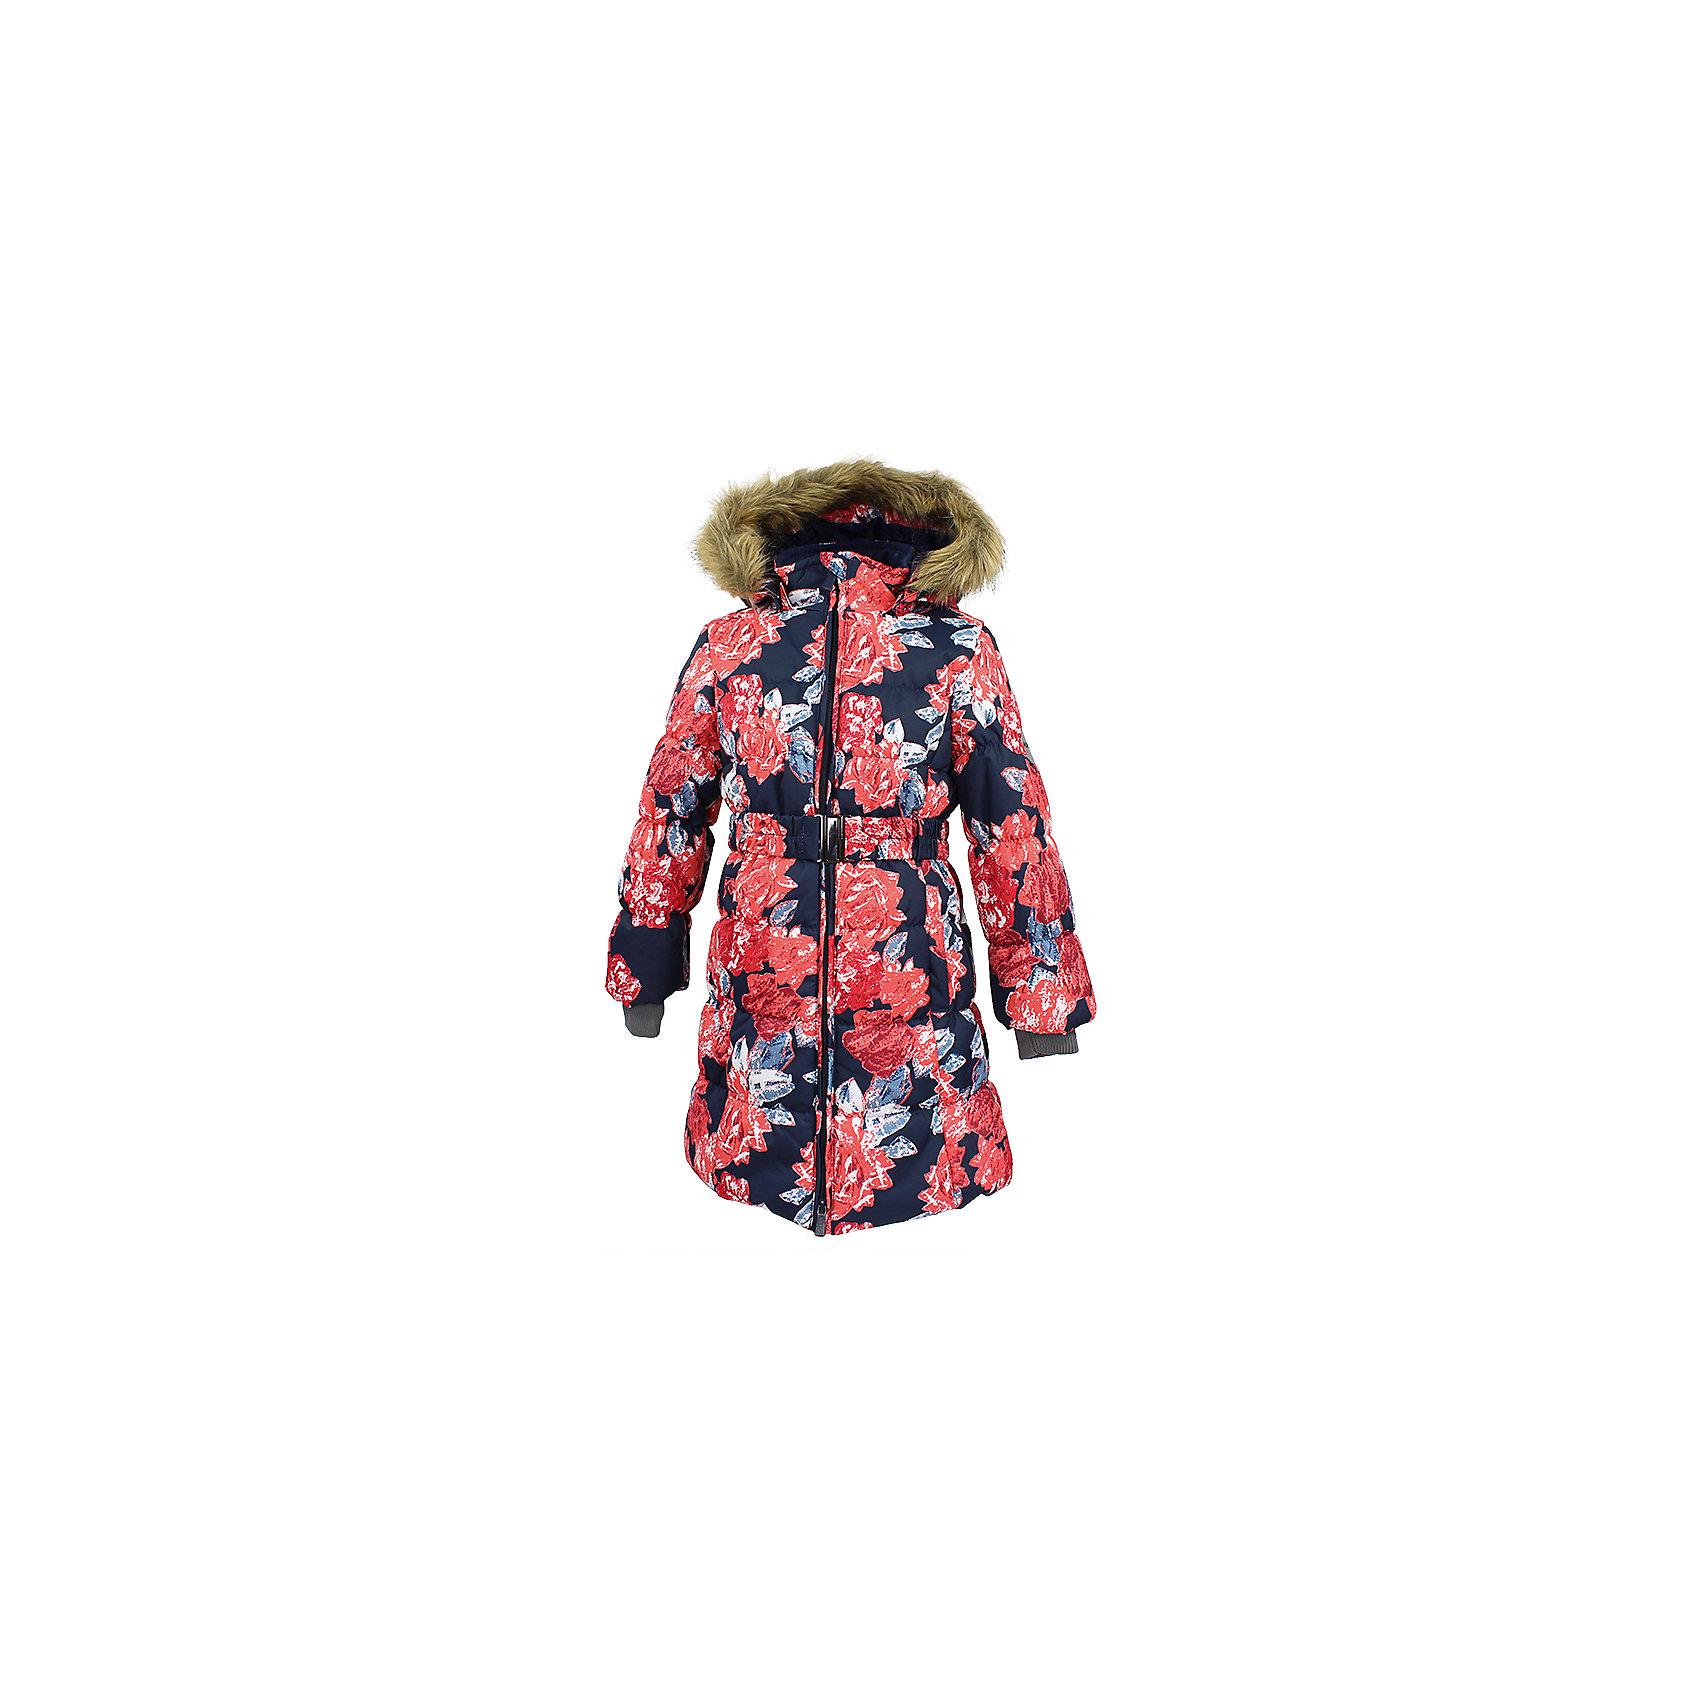 Пальто YACARANDA Huppa для девочкиЗимние куртки<br>Куртка для девочек YACARANDA.Водо и воздухонепроницаемость 10 000. Утеплитель 300 гр. Подкладка тафта, флис 100% полиэстер. Отстегивающийся капюшон с мехом. Внутренний манжет рукава.Вязаные детали.Двухсторонняя молния. Имеются светоотражательные детали.<br>Состав:<br>100% Полиэстер<br><br>Ширина мм: 356<br>Глубина мм: 10<br>Высота мм: 245<br>Вес г: 519<br>Цвет: синий<br>Возраст от месяцев: 168<br>Возраст до месяцев: 180<br>Пол: Женский<br>Возраст: Детский<br>Размер: 170,104,110,116,122,128,134,140,146,152,158,164<br>SKU: 7027492